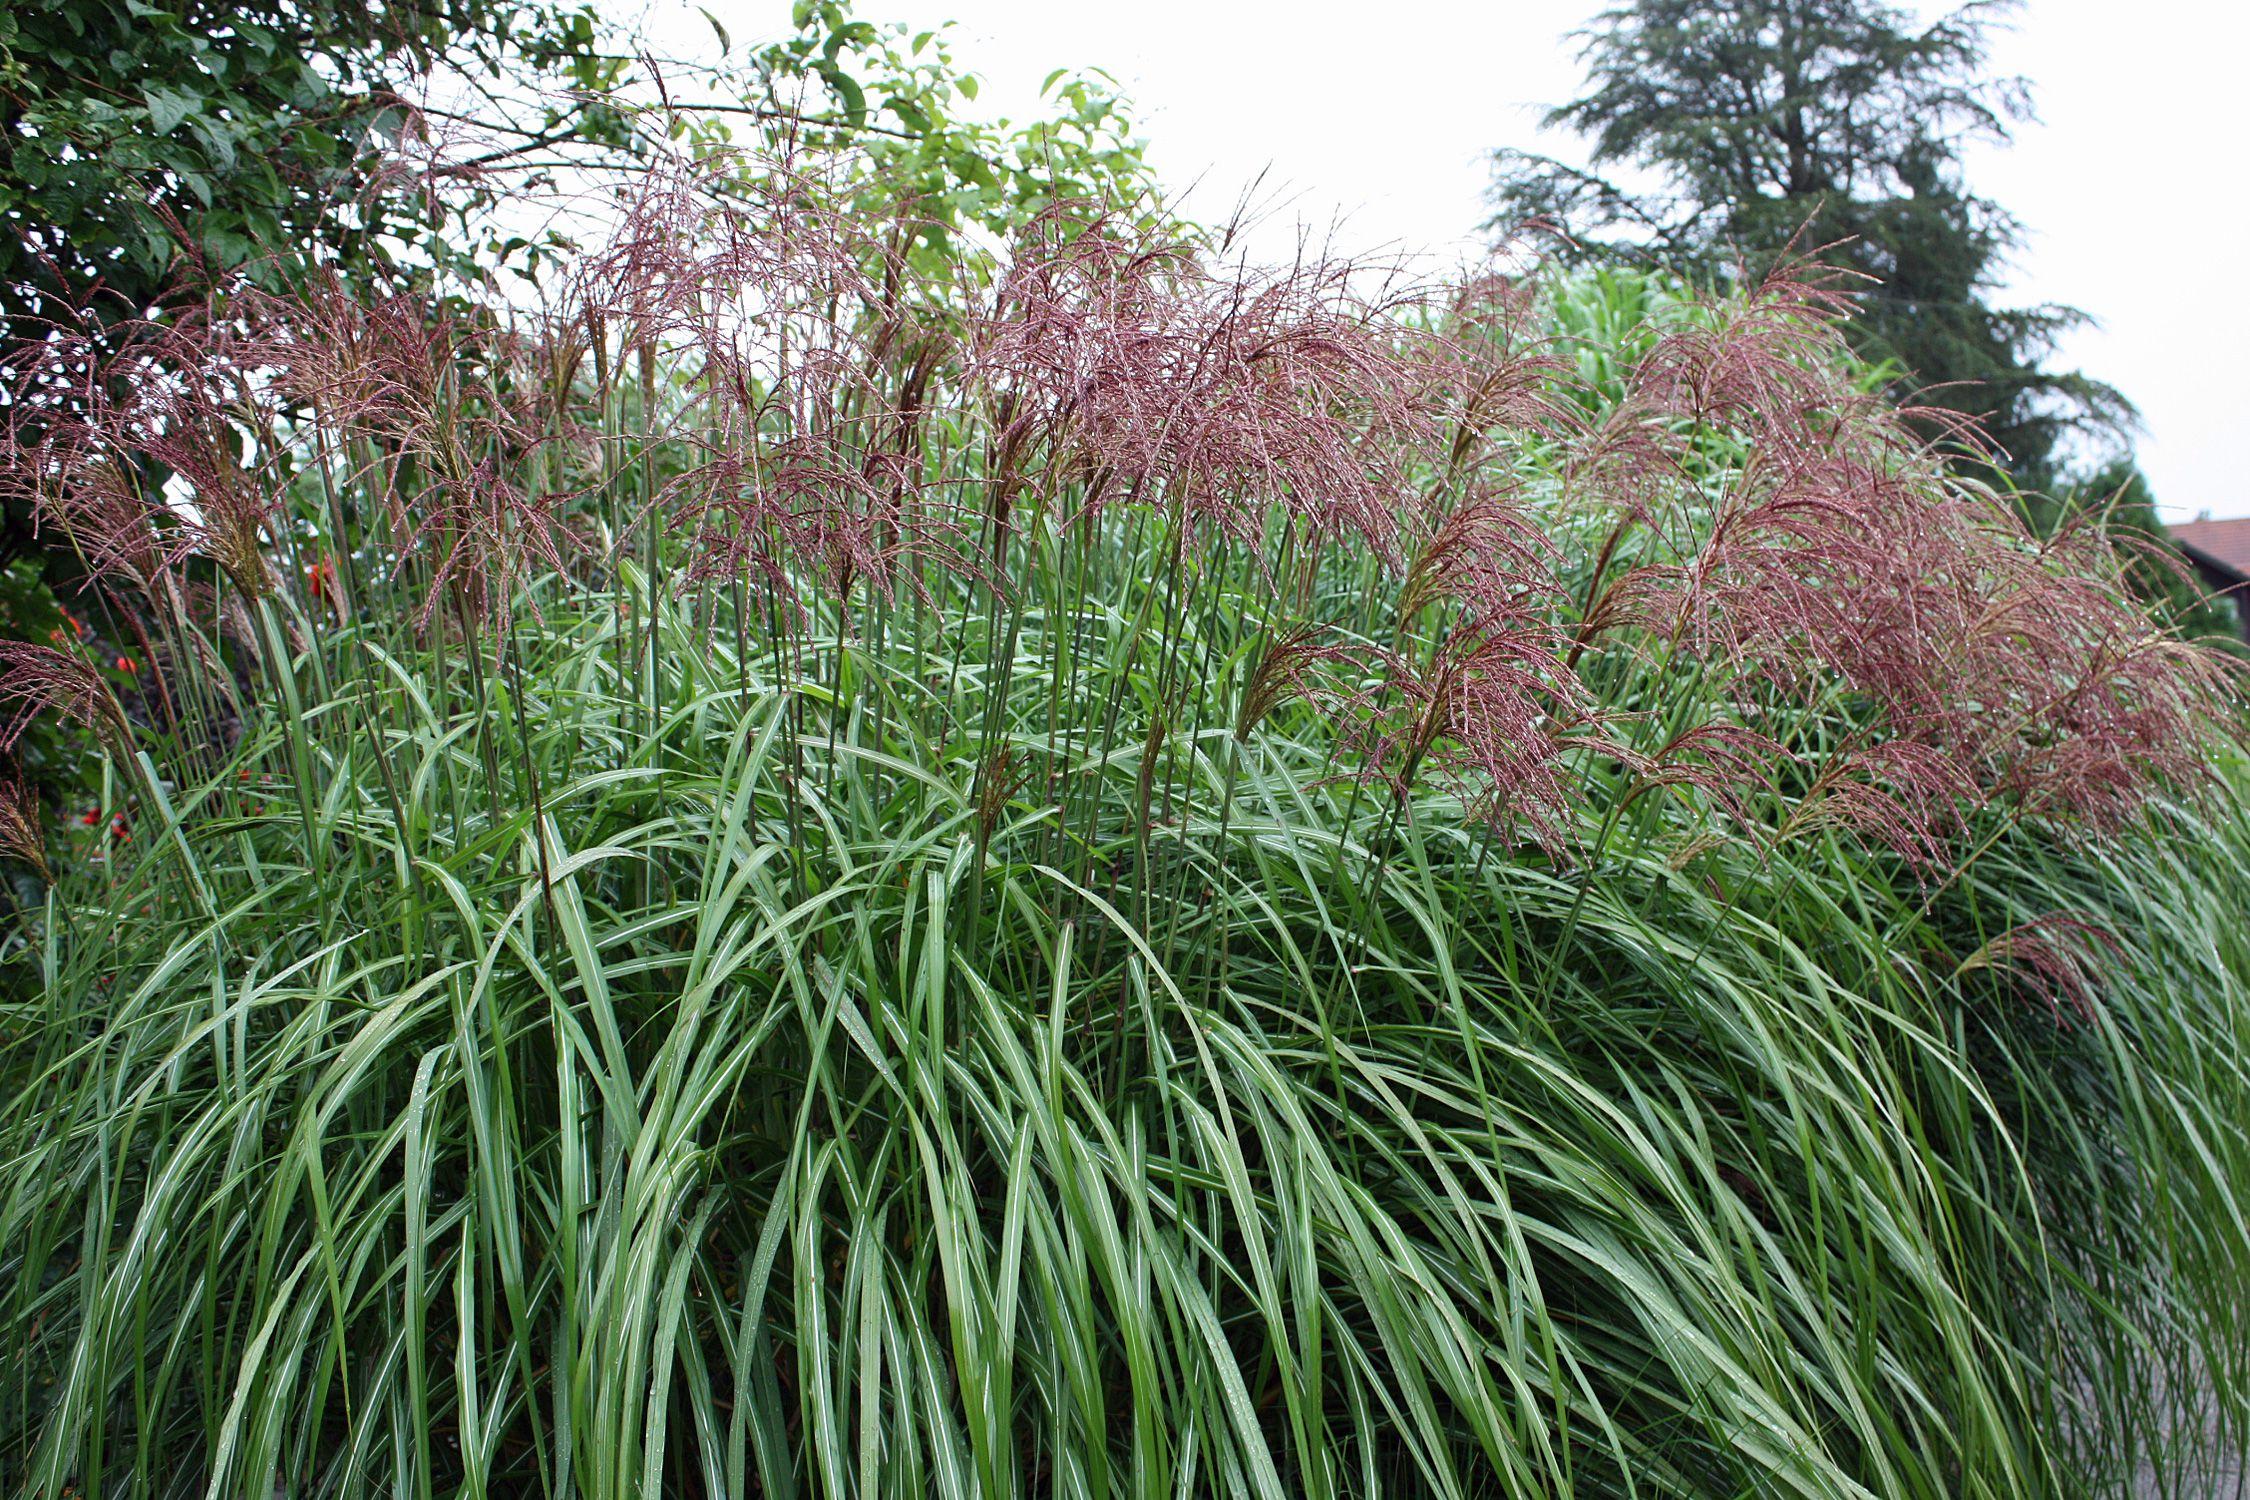 Ziergraser Sind Robuste Und Pflegeleichte Gartenpflanzen Gerade Wegen Ihrer Anmutenden Leicht Winterharte Graser Garten Graser Fur Den Garten Graser Im Garten